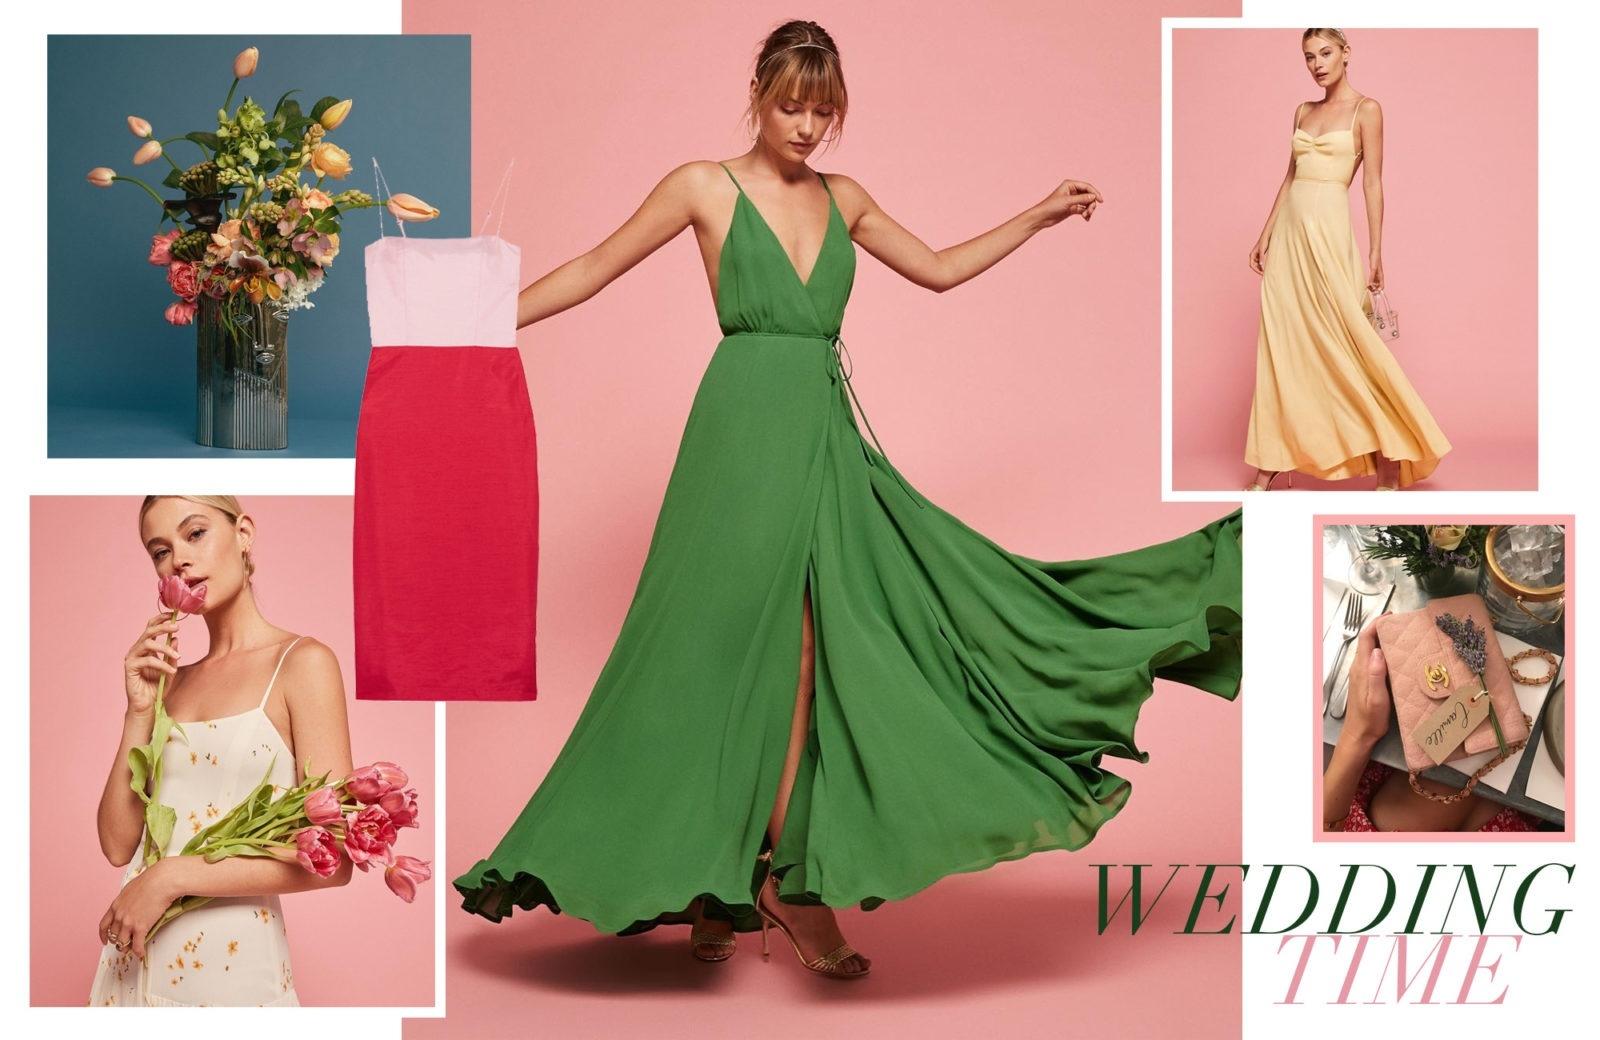 13 Schön Schöne Kleider Für Eine Hochzeit Spezialgebiet15 Einfach Schöne Kleider Für Eine Hochzeit Boutique